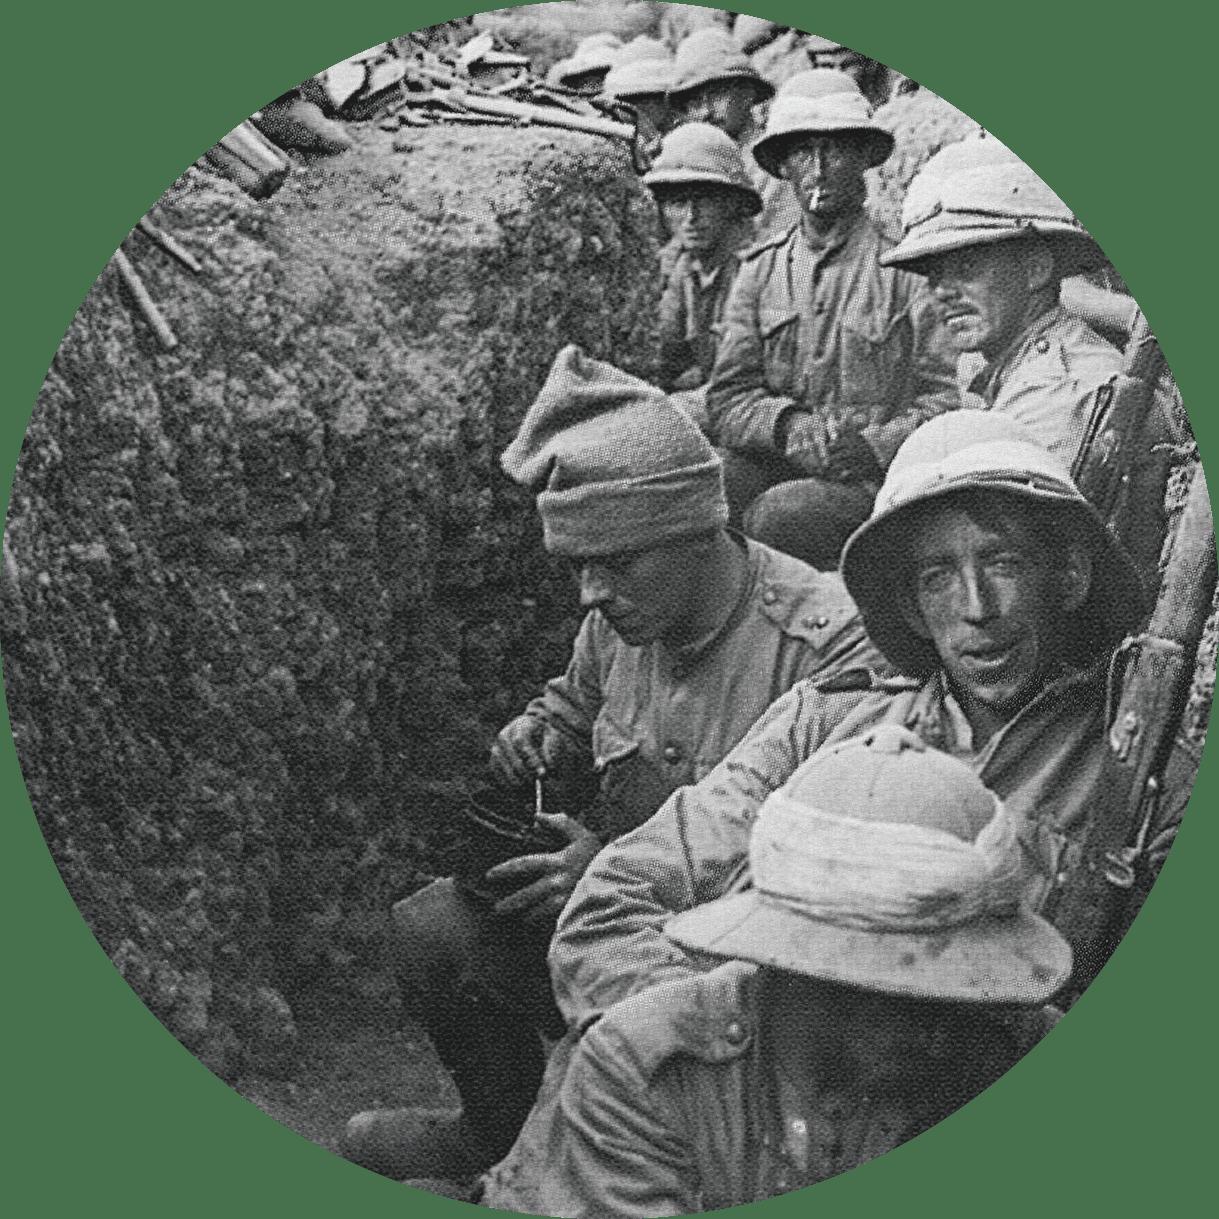 Soldats de la guerre de 1914-1918.